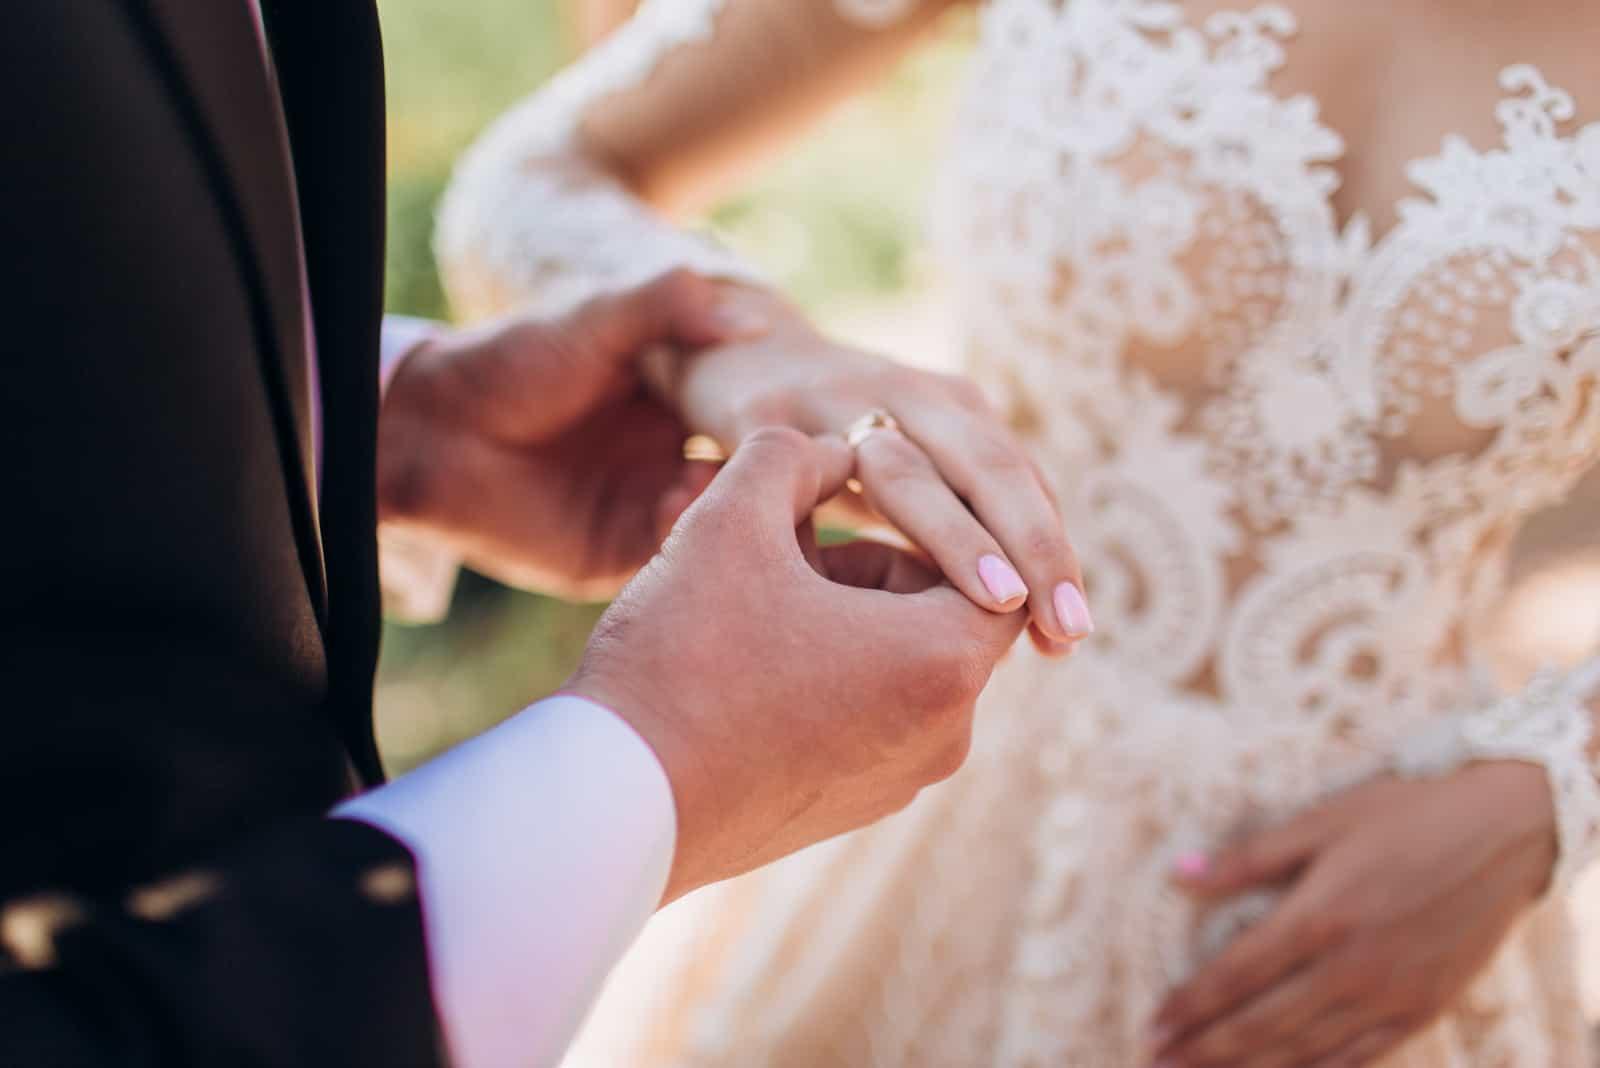 Eheringe in den Händen von Braut und Bräutigam.